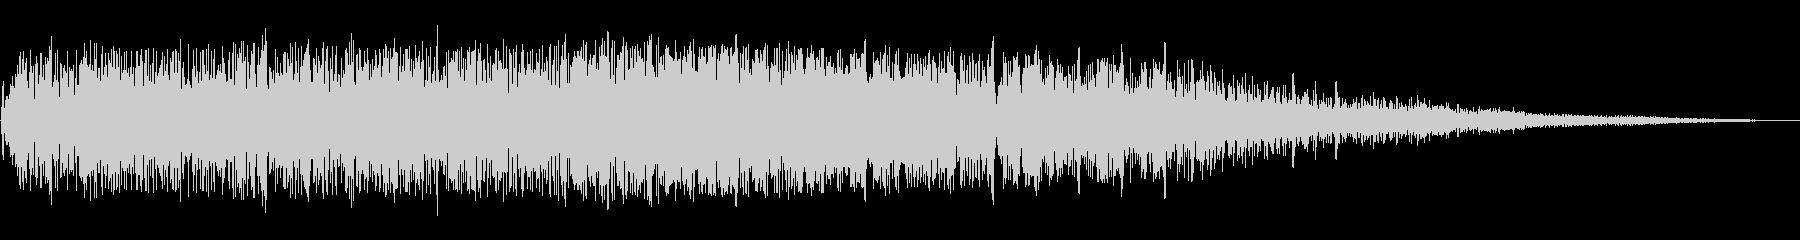 シュワーン(複数音)の未再生の波形